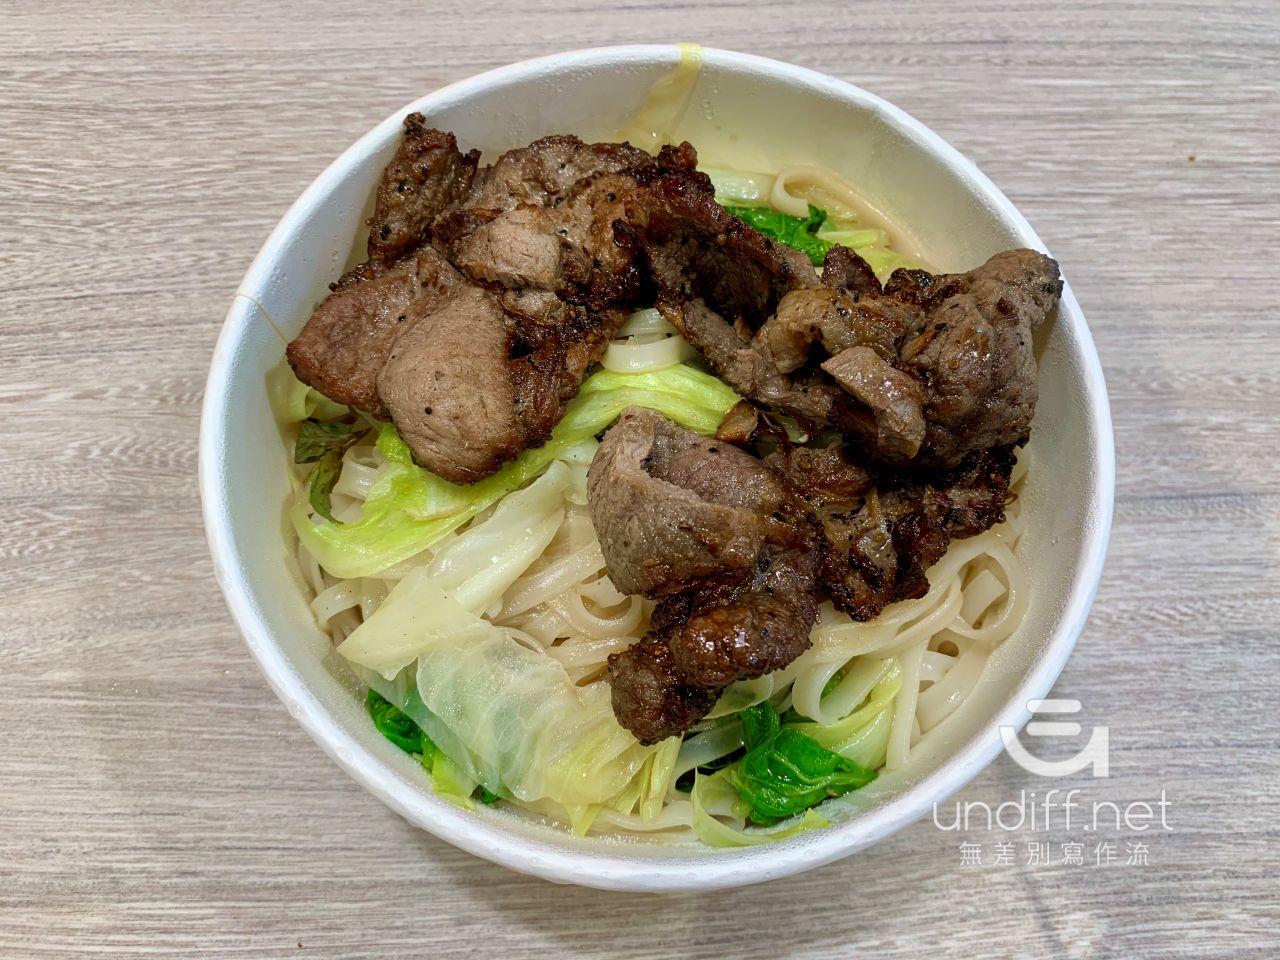 【內湖 訂便當日記】日嚐 Taste&Enjoy 南洋風味料理 54